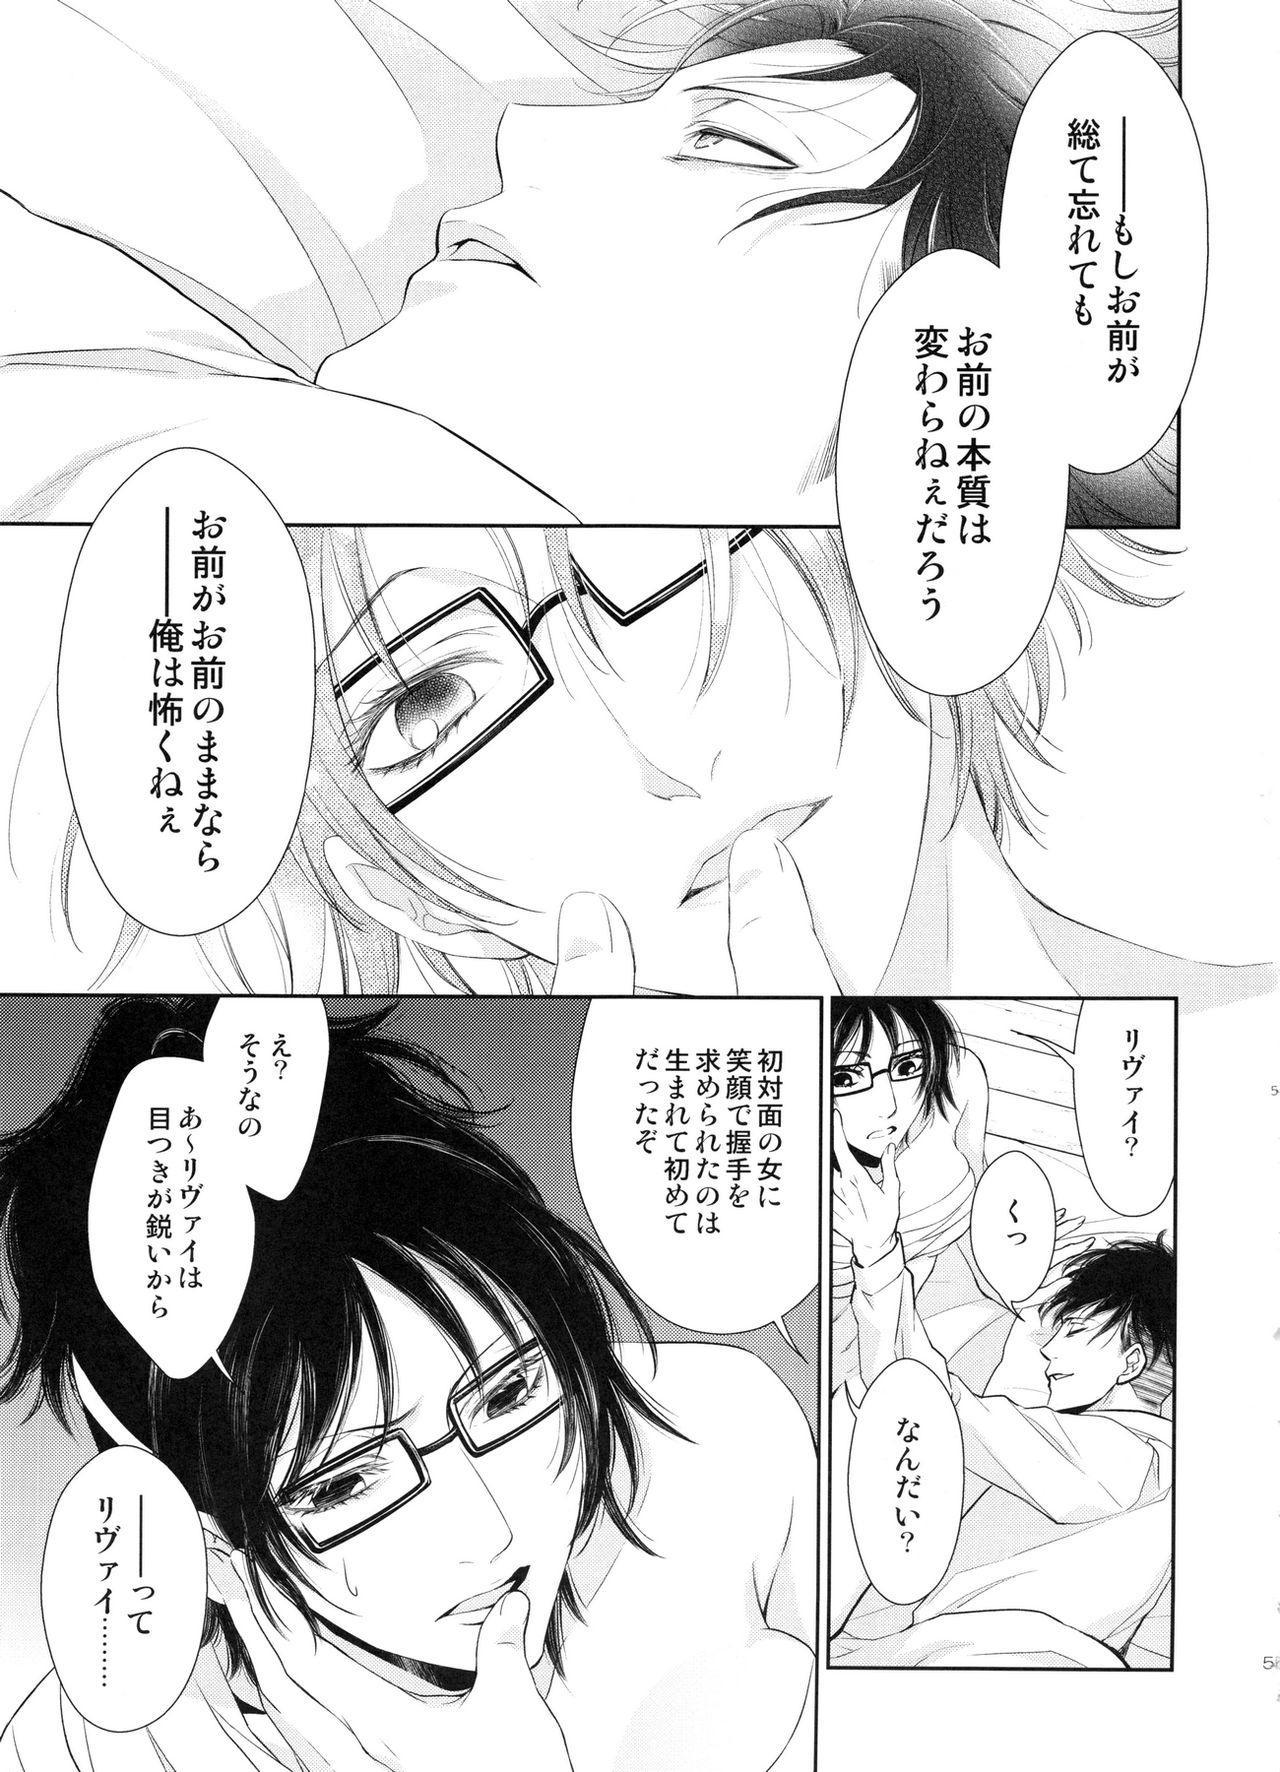 Meguri Meguri Soshite Mata Hana wa Saku 54